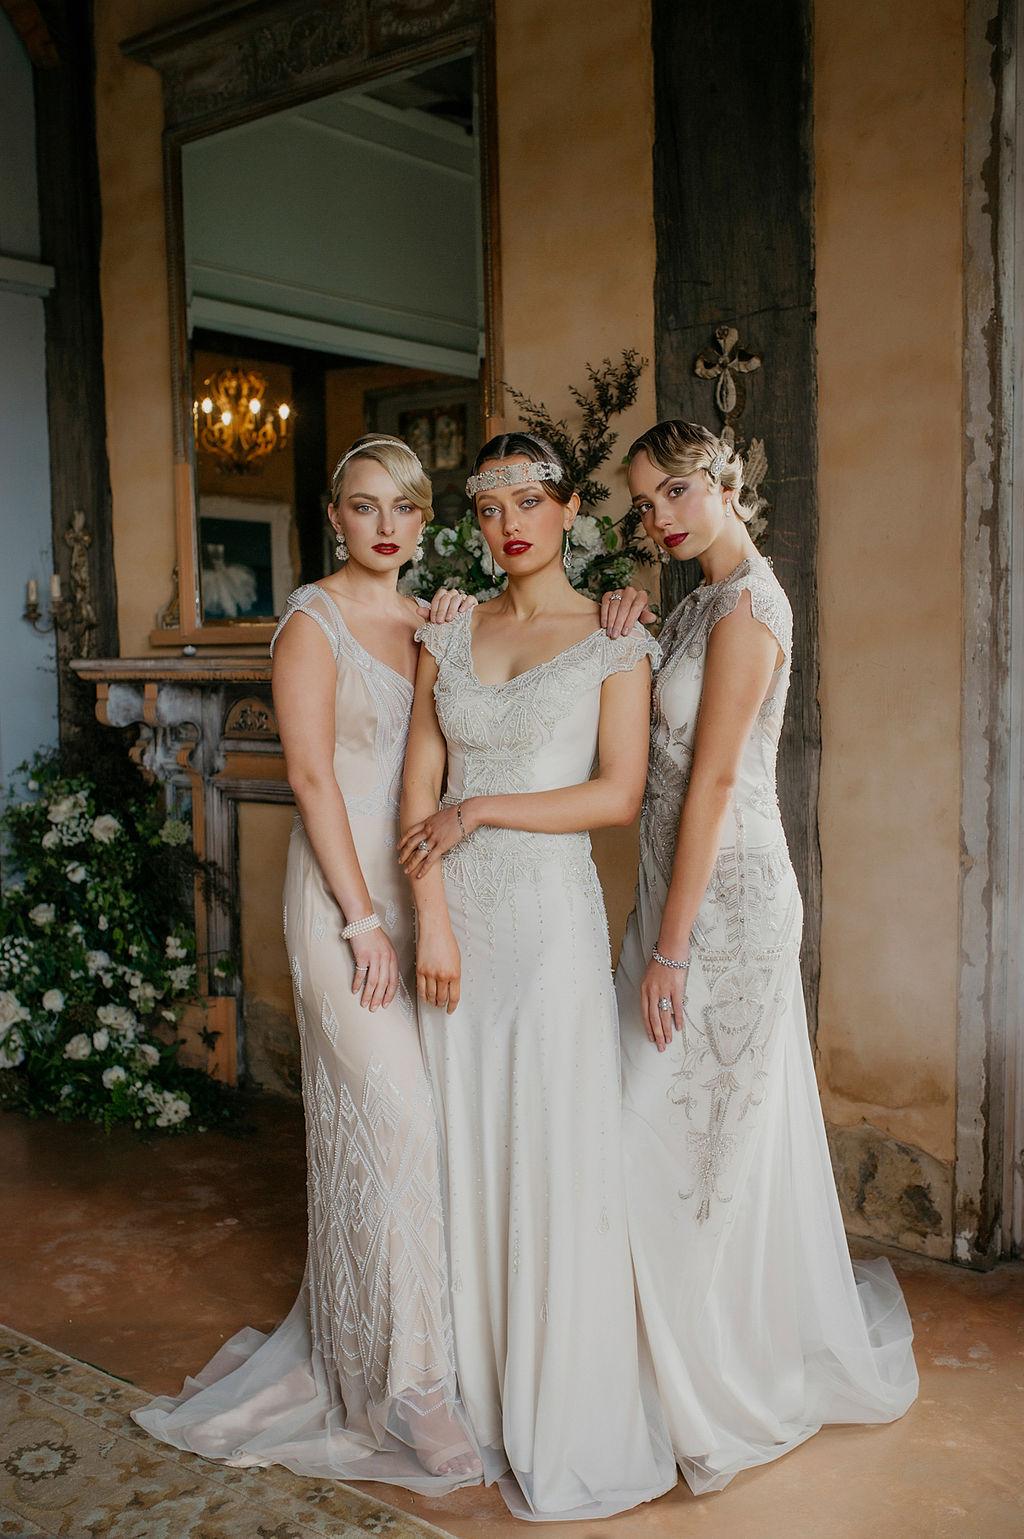 Tara Elke and Polly Gwendolynne Wedding Dress  JessicaAbbyartdecoWEB-8748.jpg